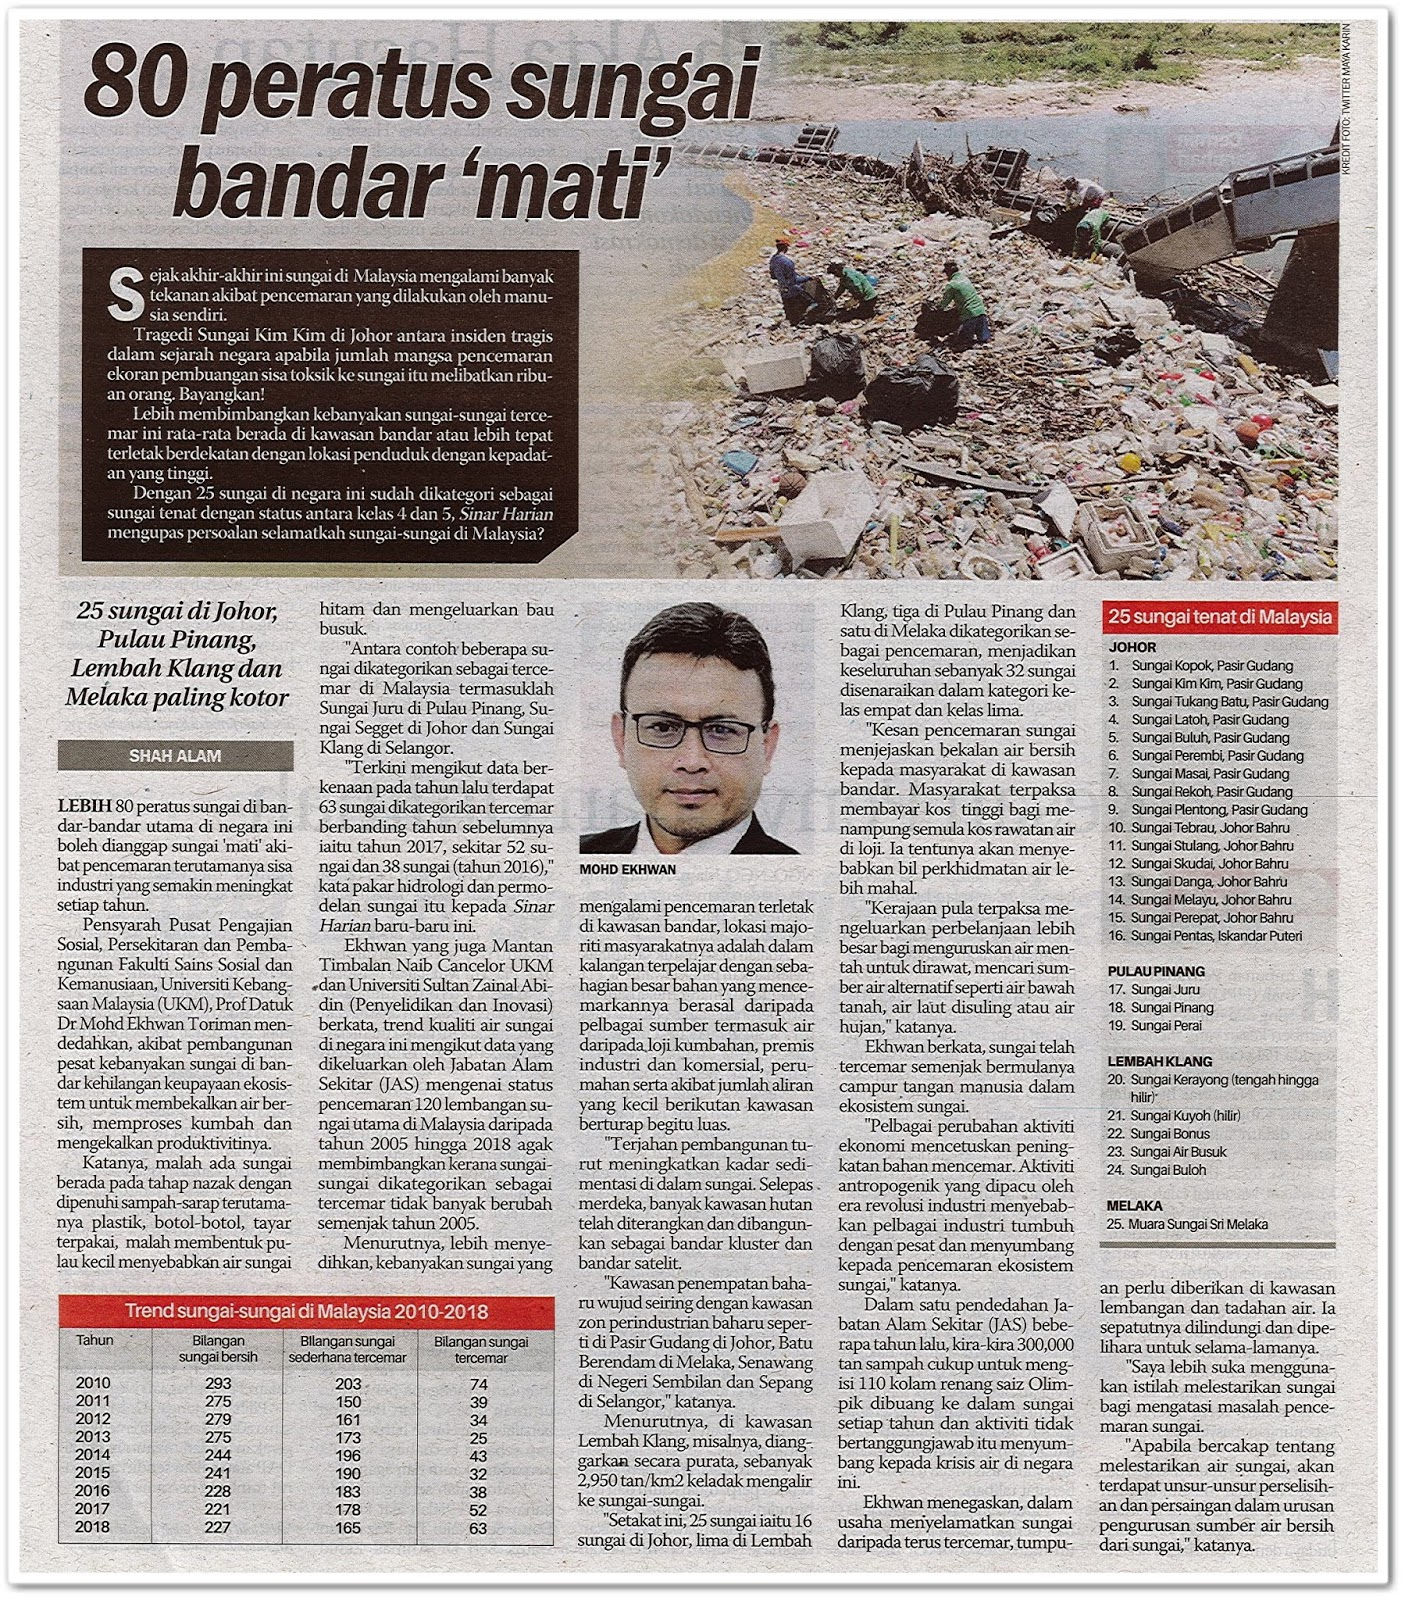 80 peratus sungai bandar 'mati ' - Keratan akhbar Sinar Harian 23 September 2019